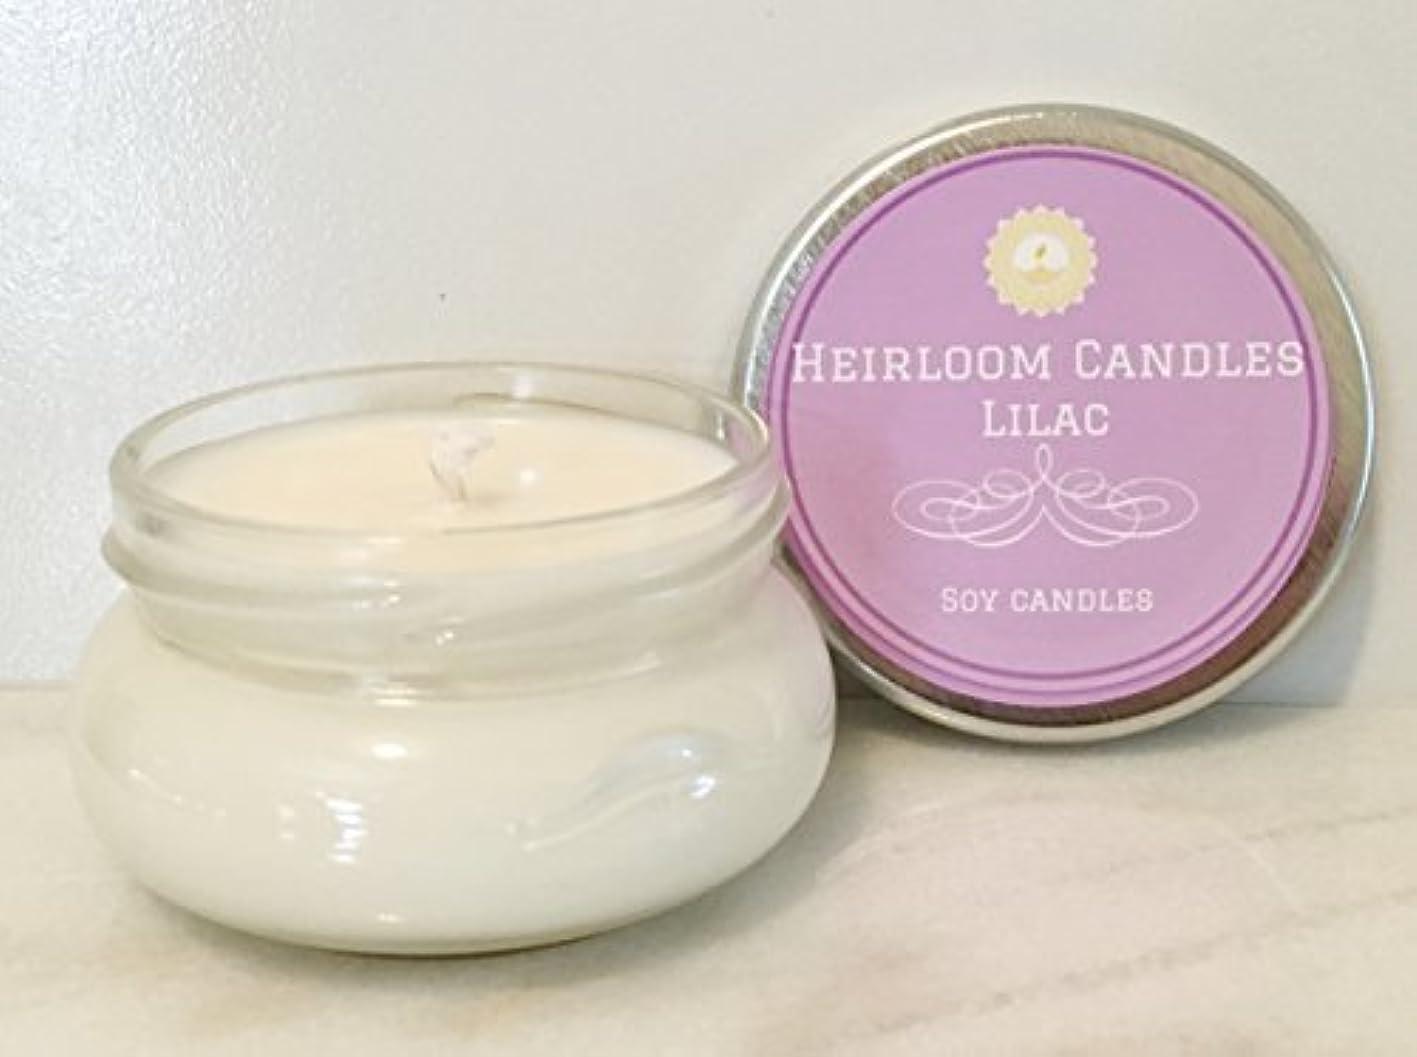 スモッグ有罪に勝るLilac Scented Soy Floral Candle Glass Tureen 3.3oz [並行輸入品]